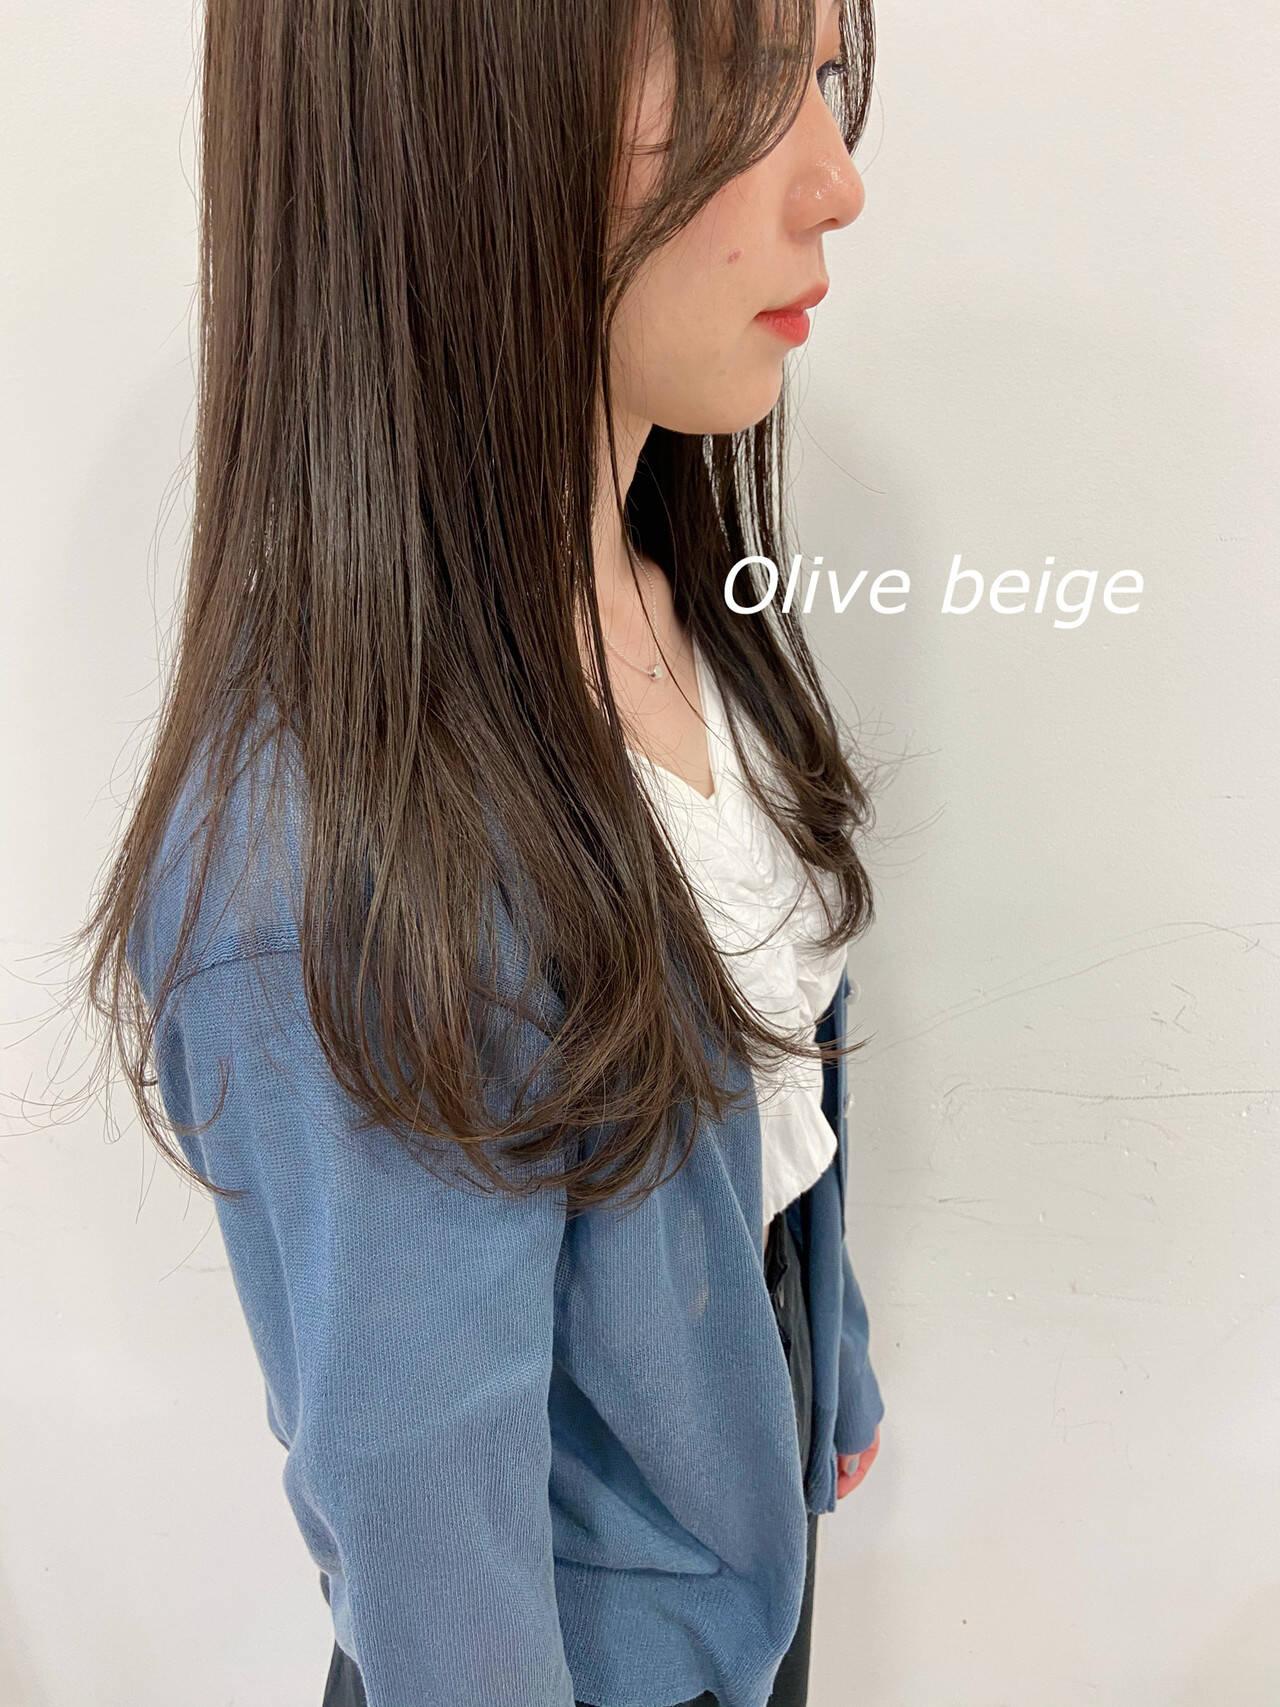 オリーブベージュ ナチュラル 韓国 セミロングヘアスタイルや髪型の写真・画像